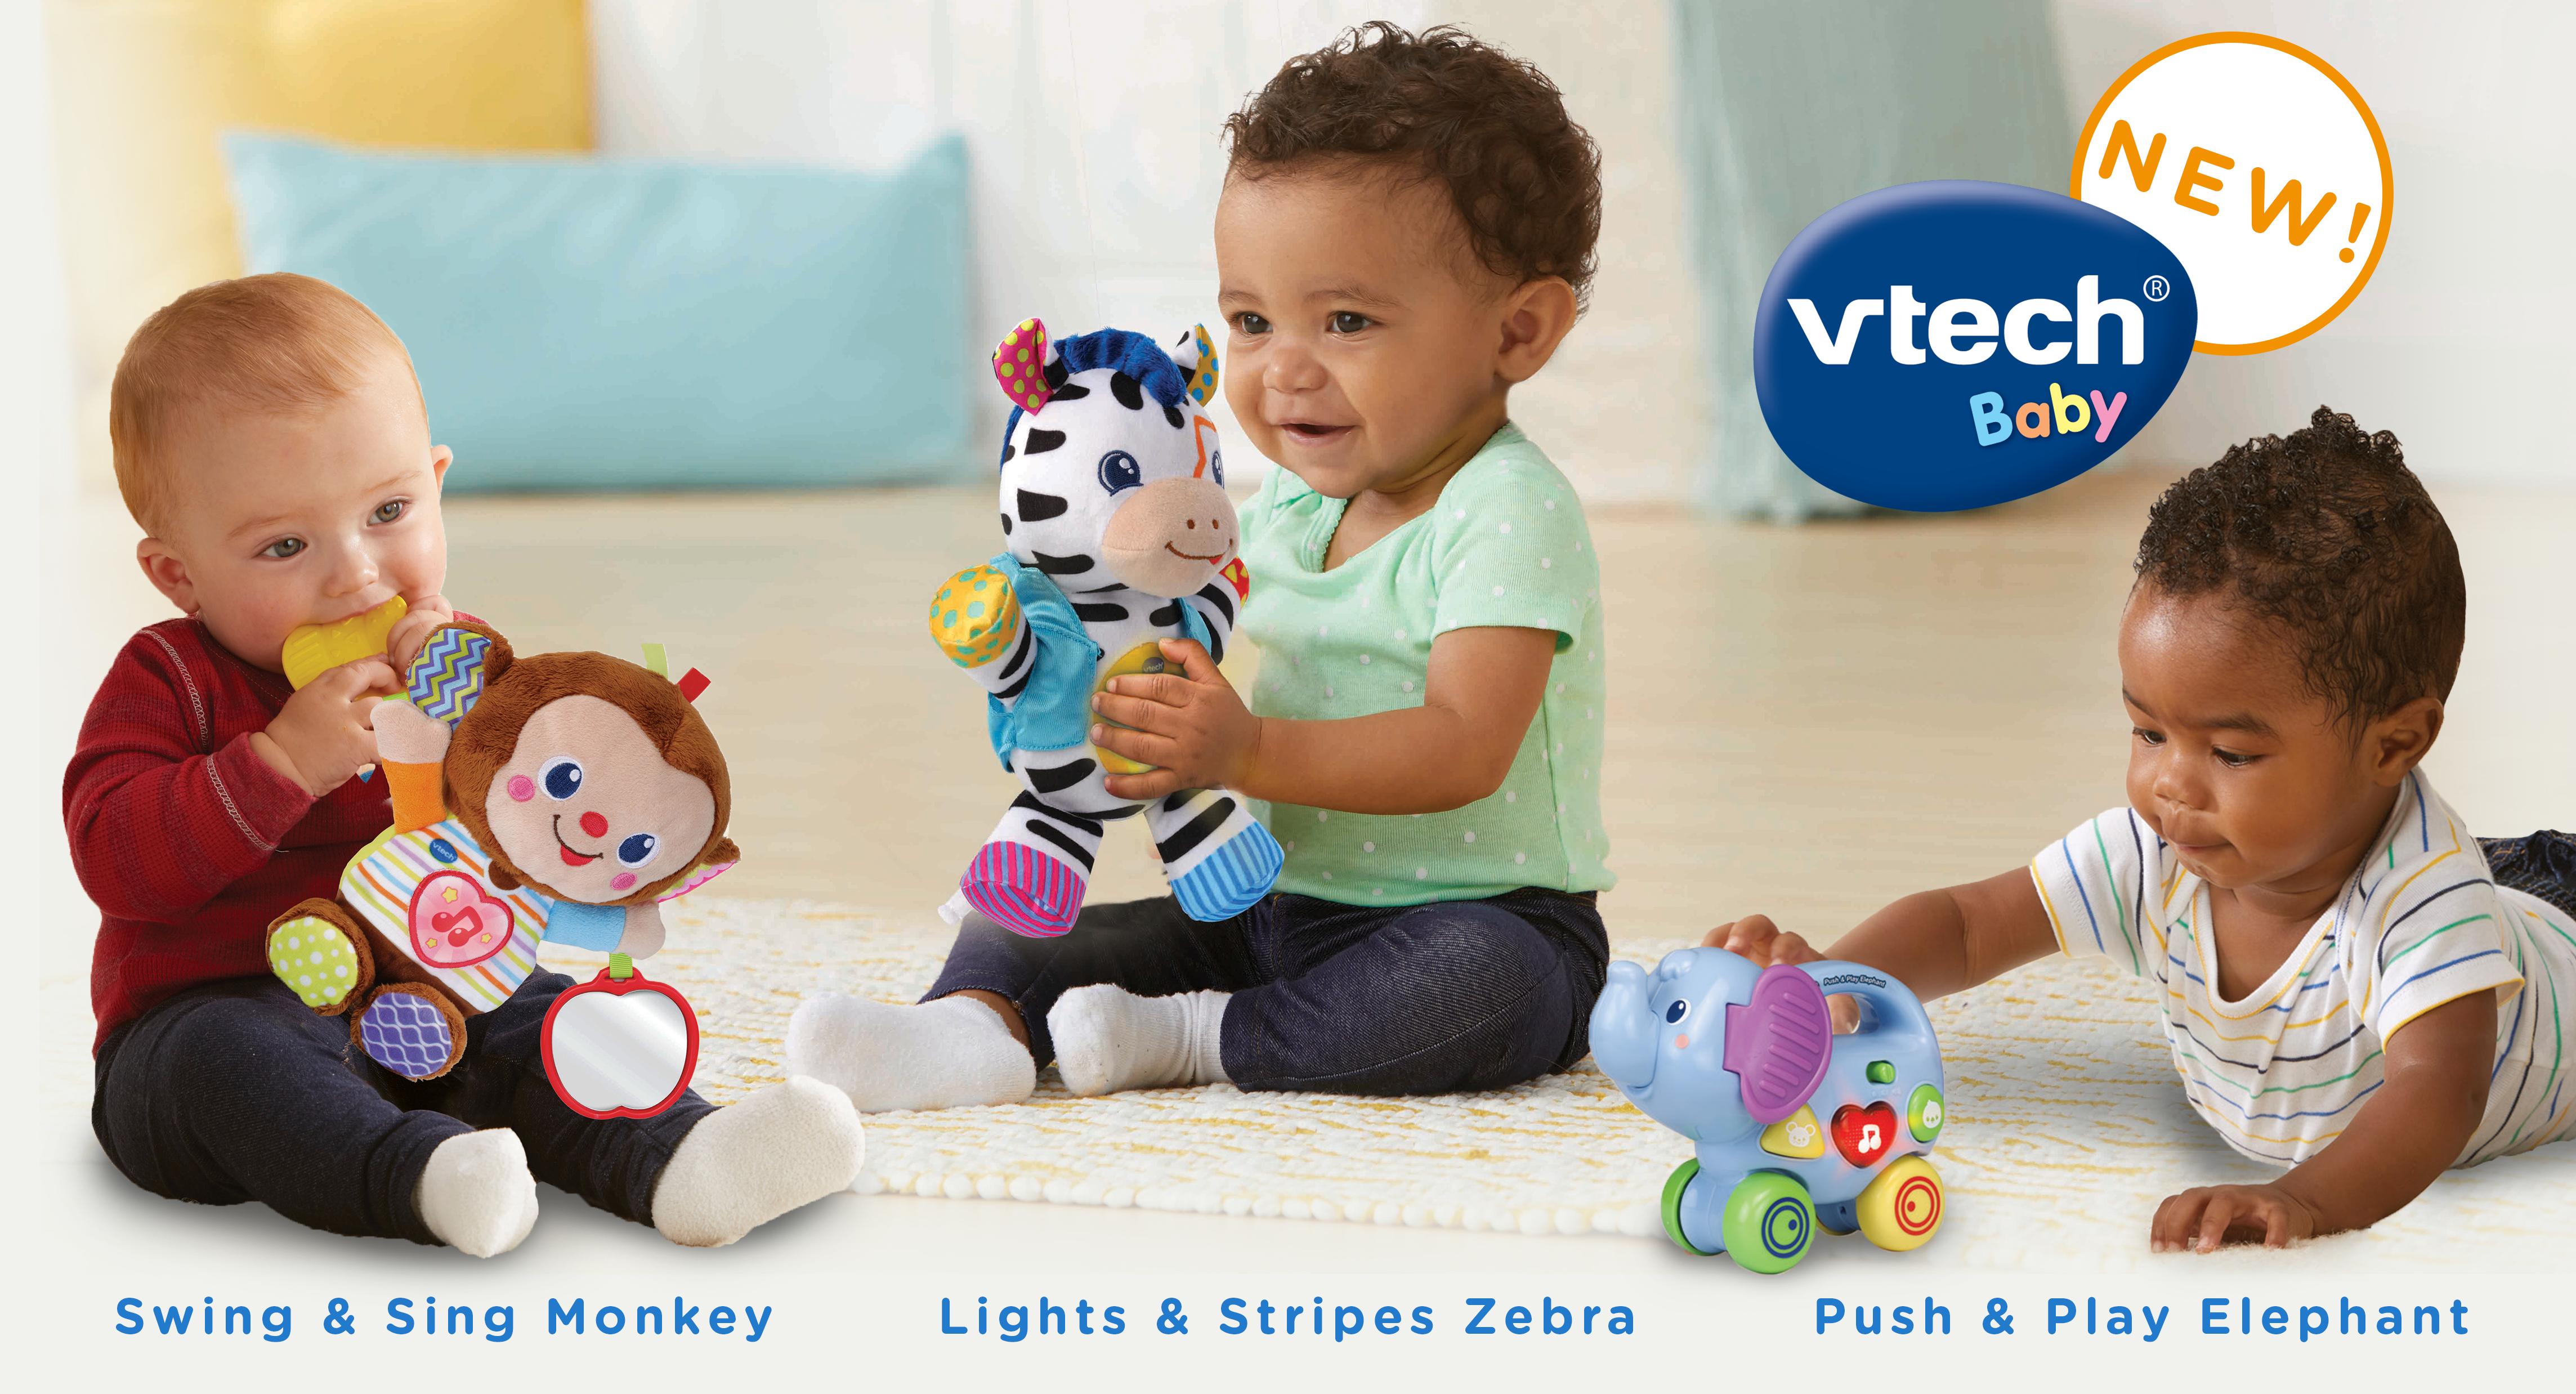 VTech Baby range